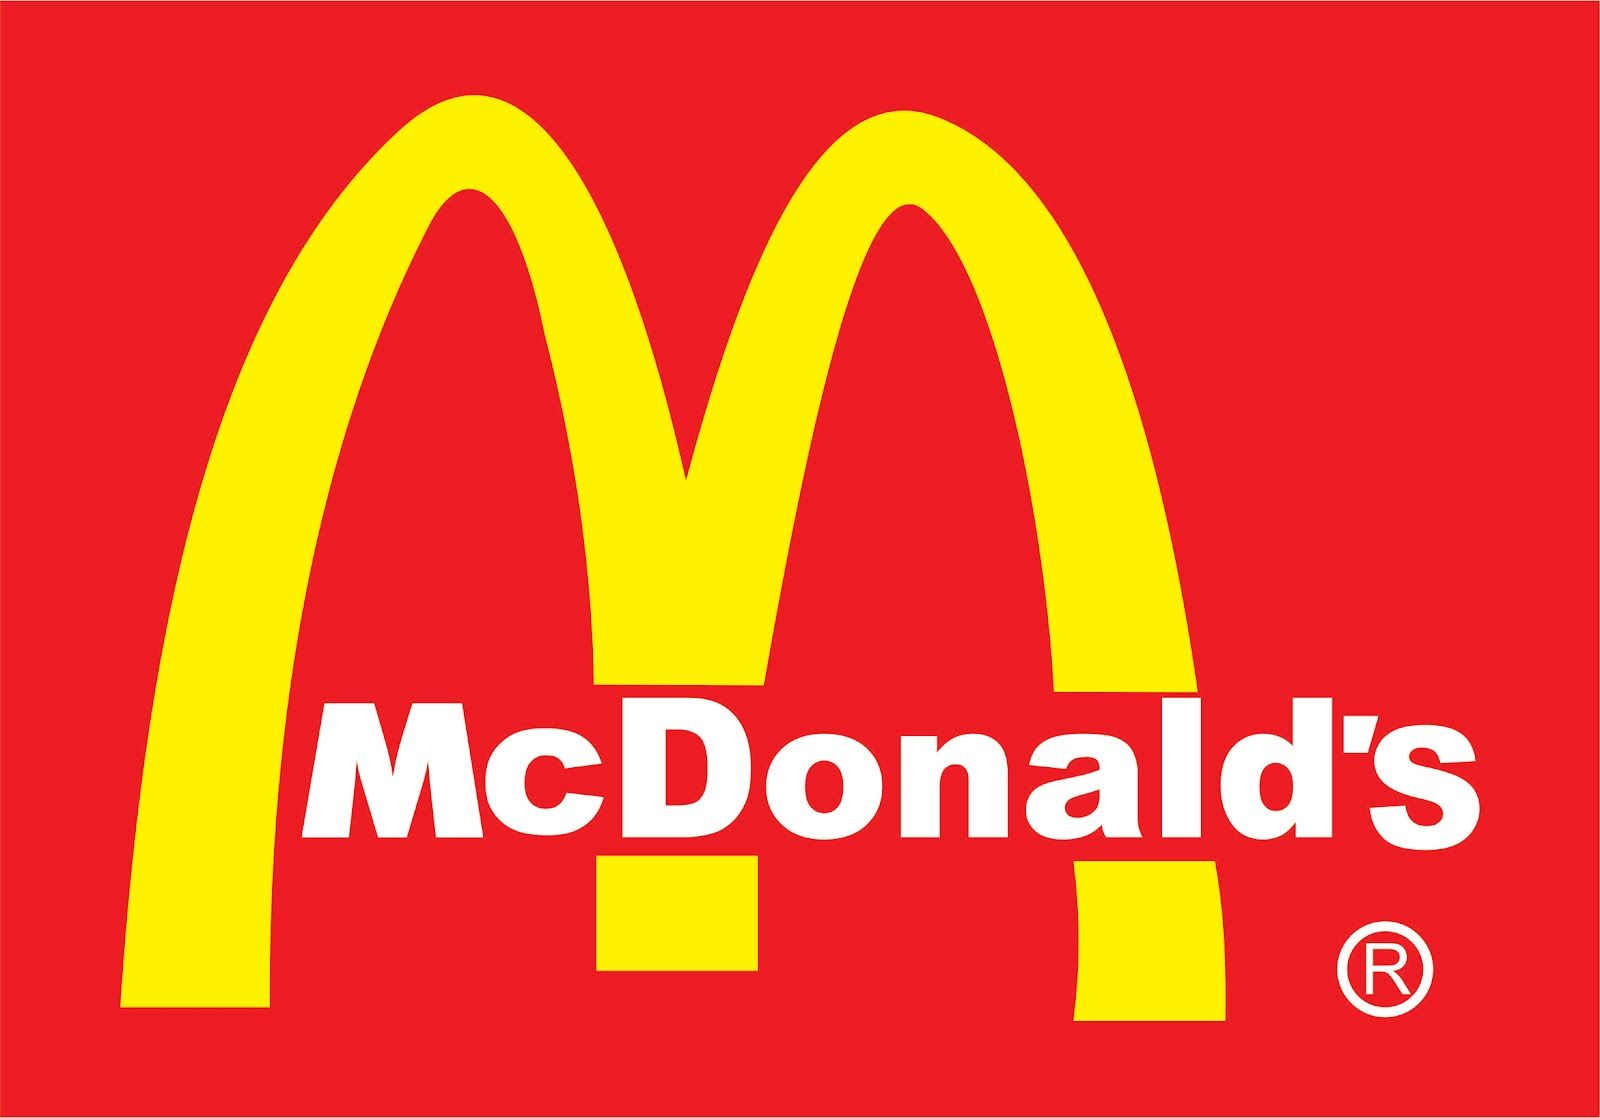 Logo Mcdonald's | Logos famosos, Mcdonald's, Organizacional